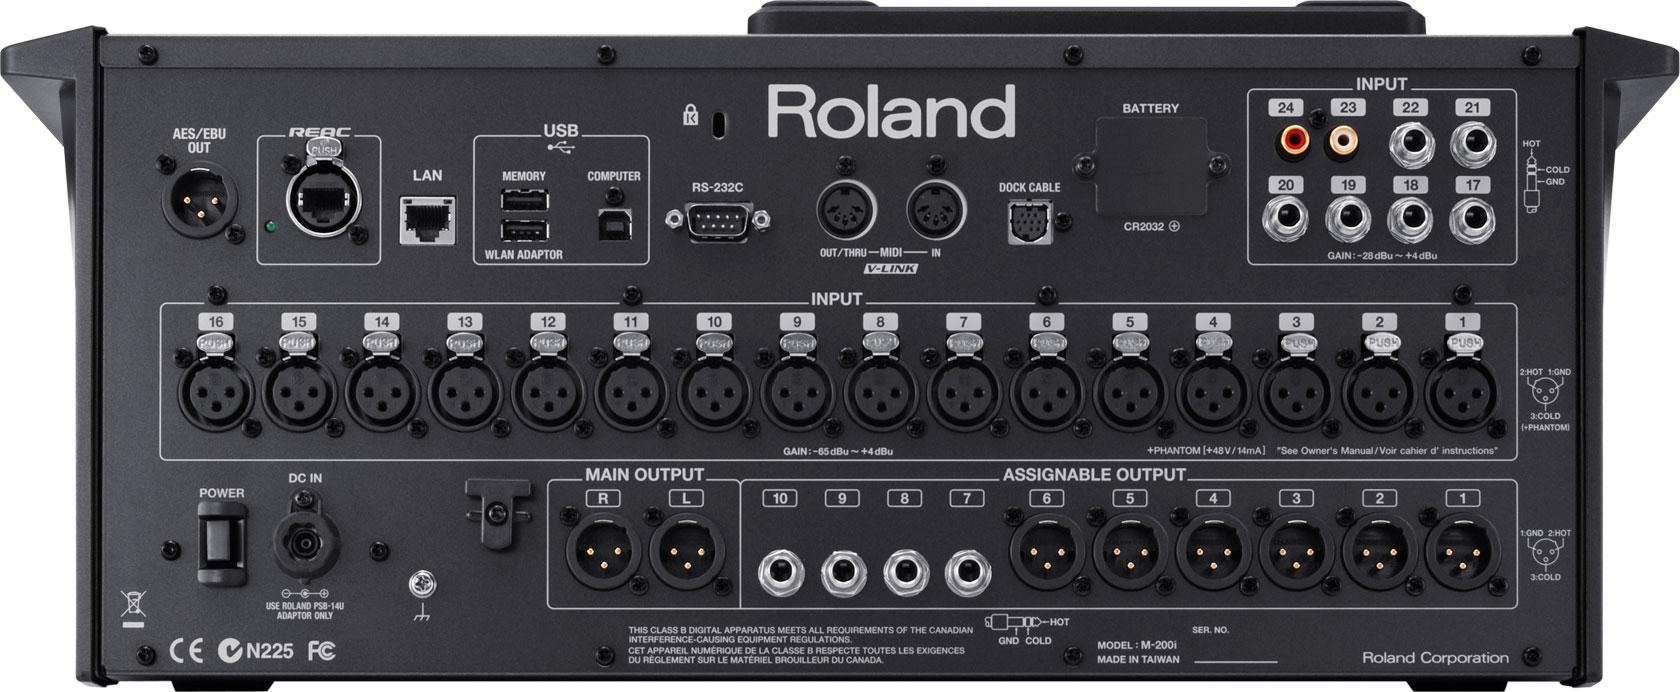 roland m200i 32 channel digital mixer orange audio. Black Bedroom Furniture Sets. Home Design Ideas